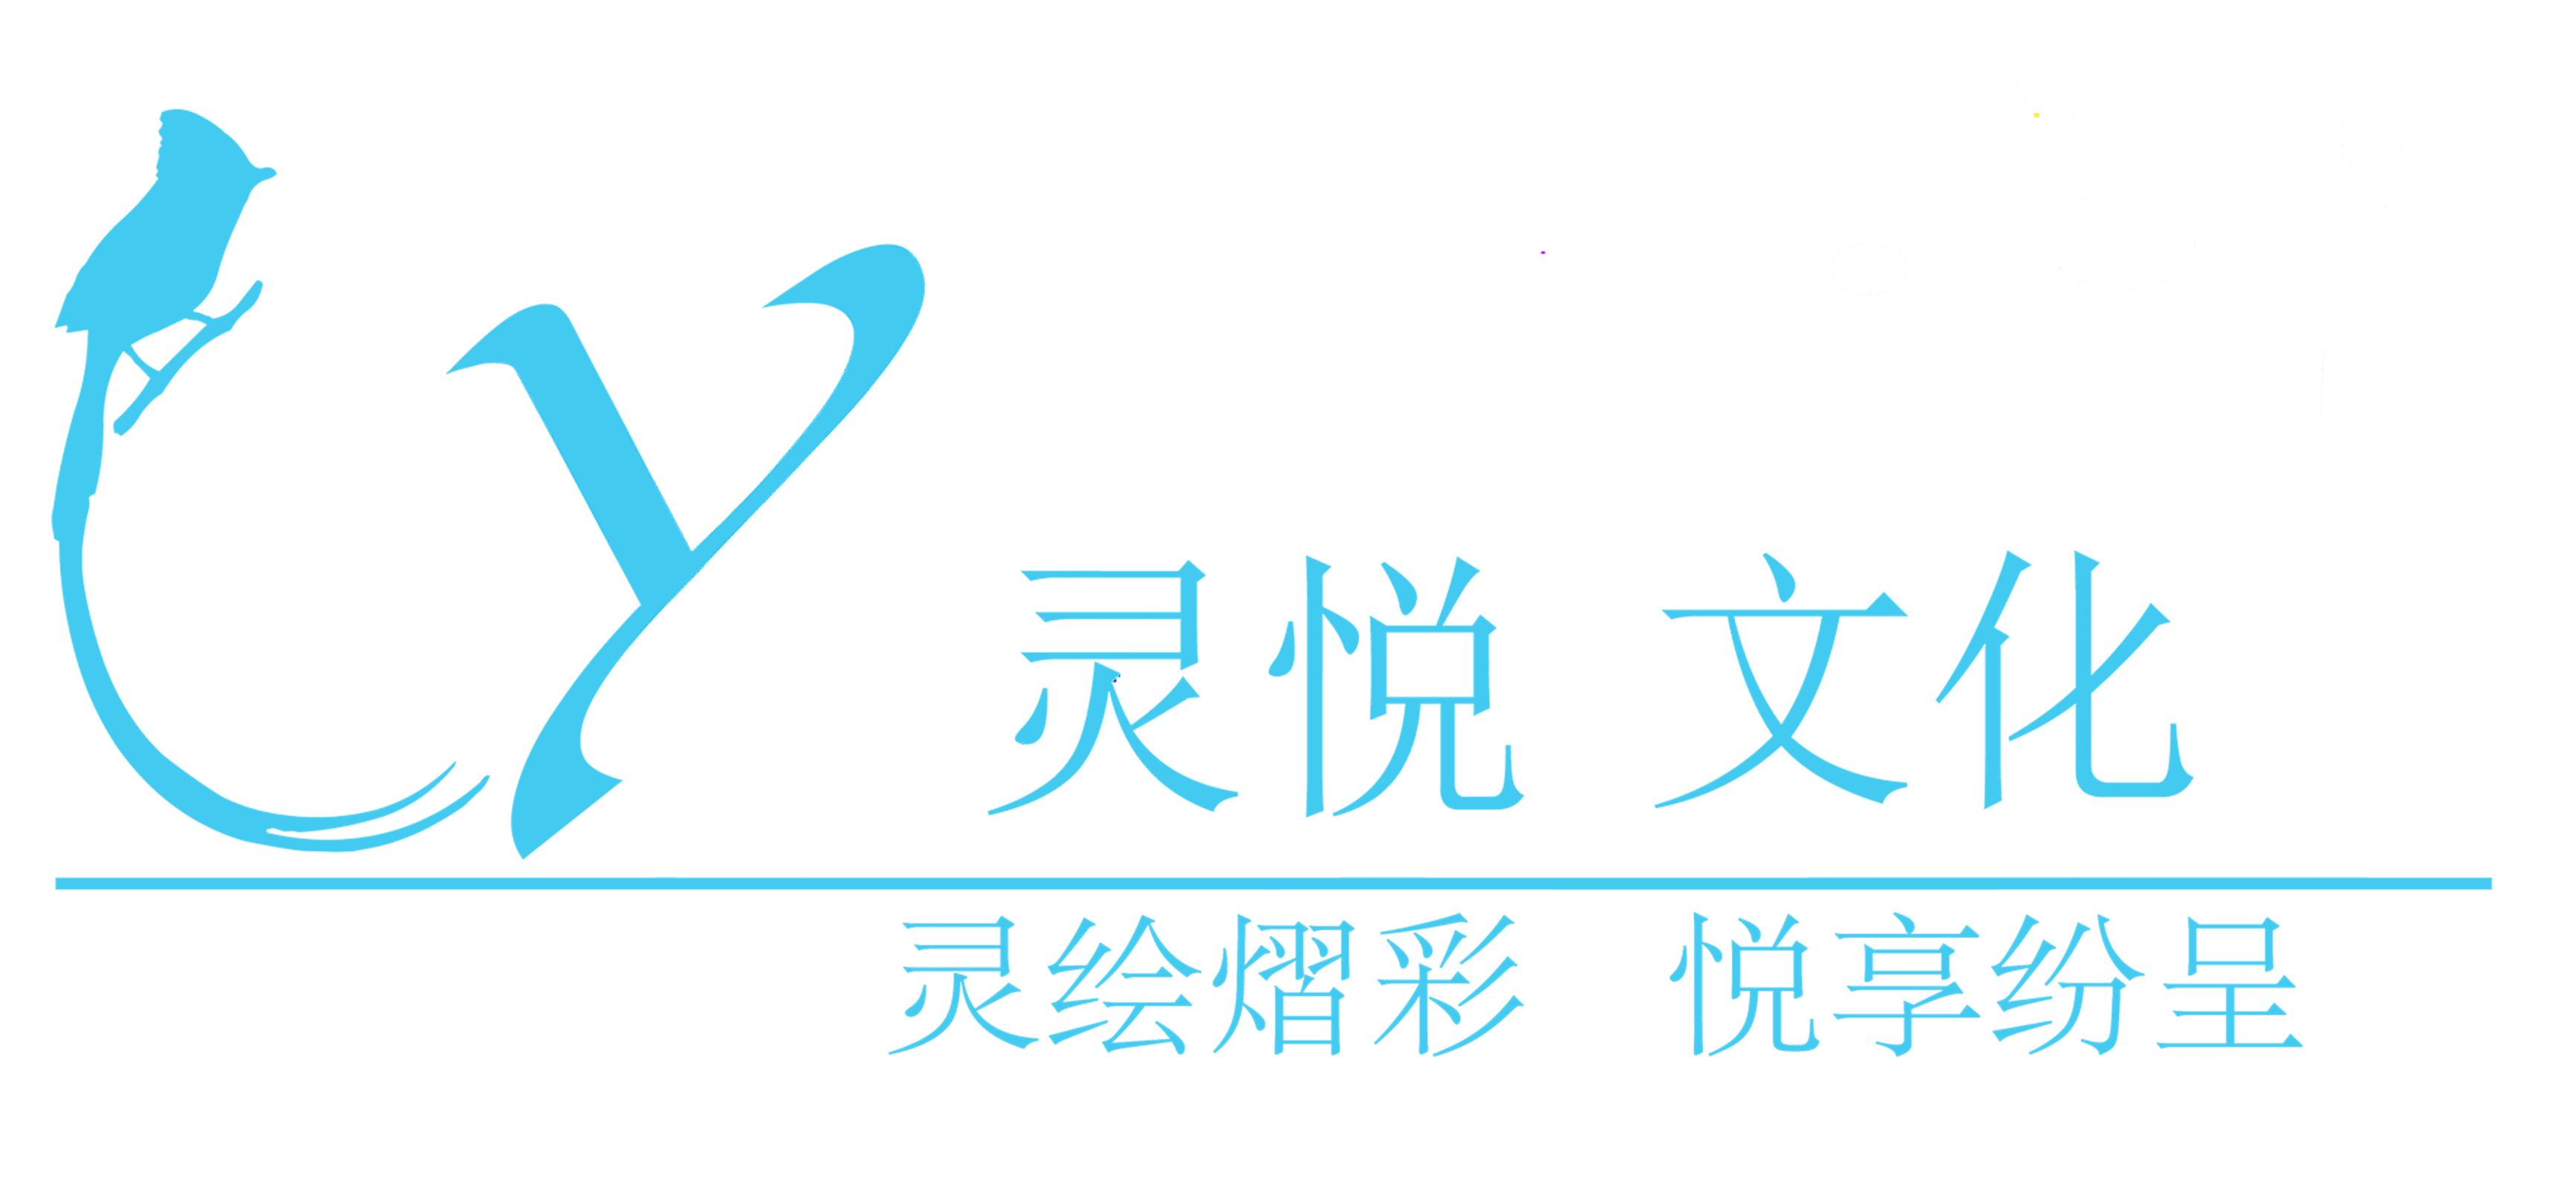 杭州灵悦文化创意有限公司